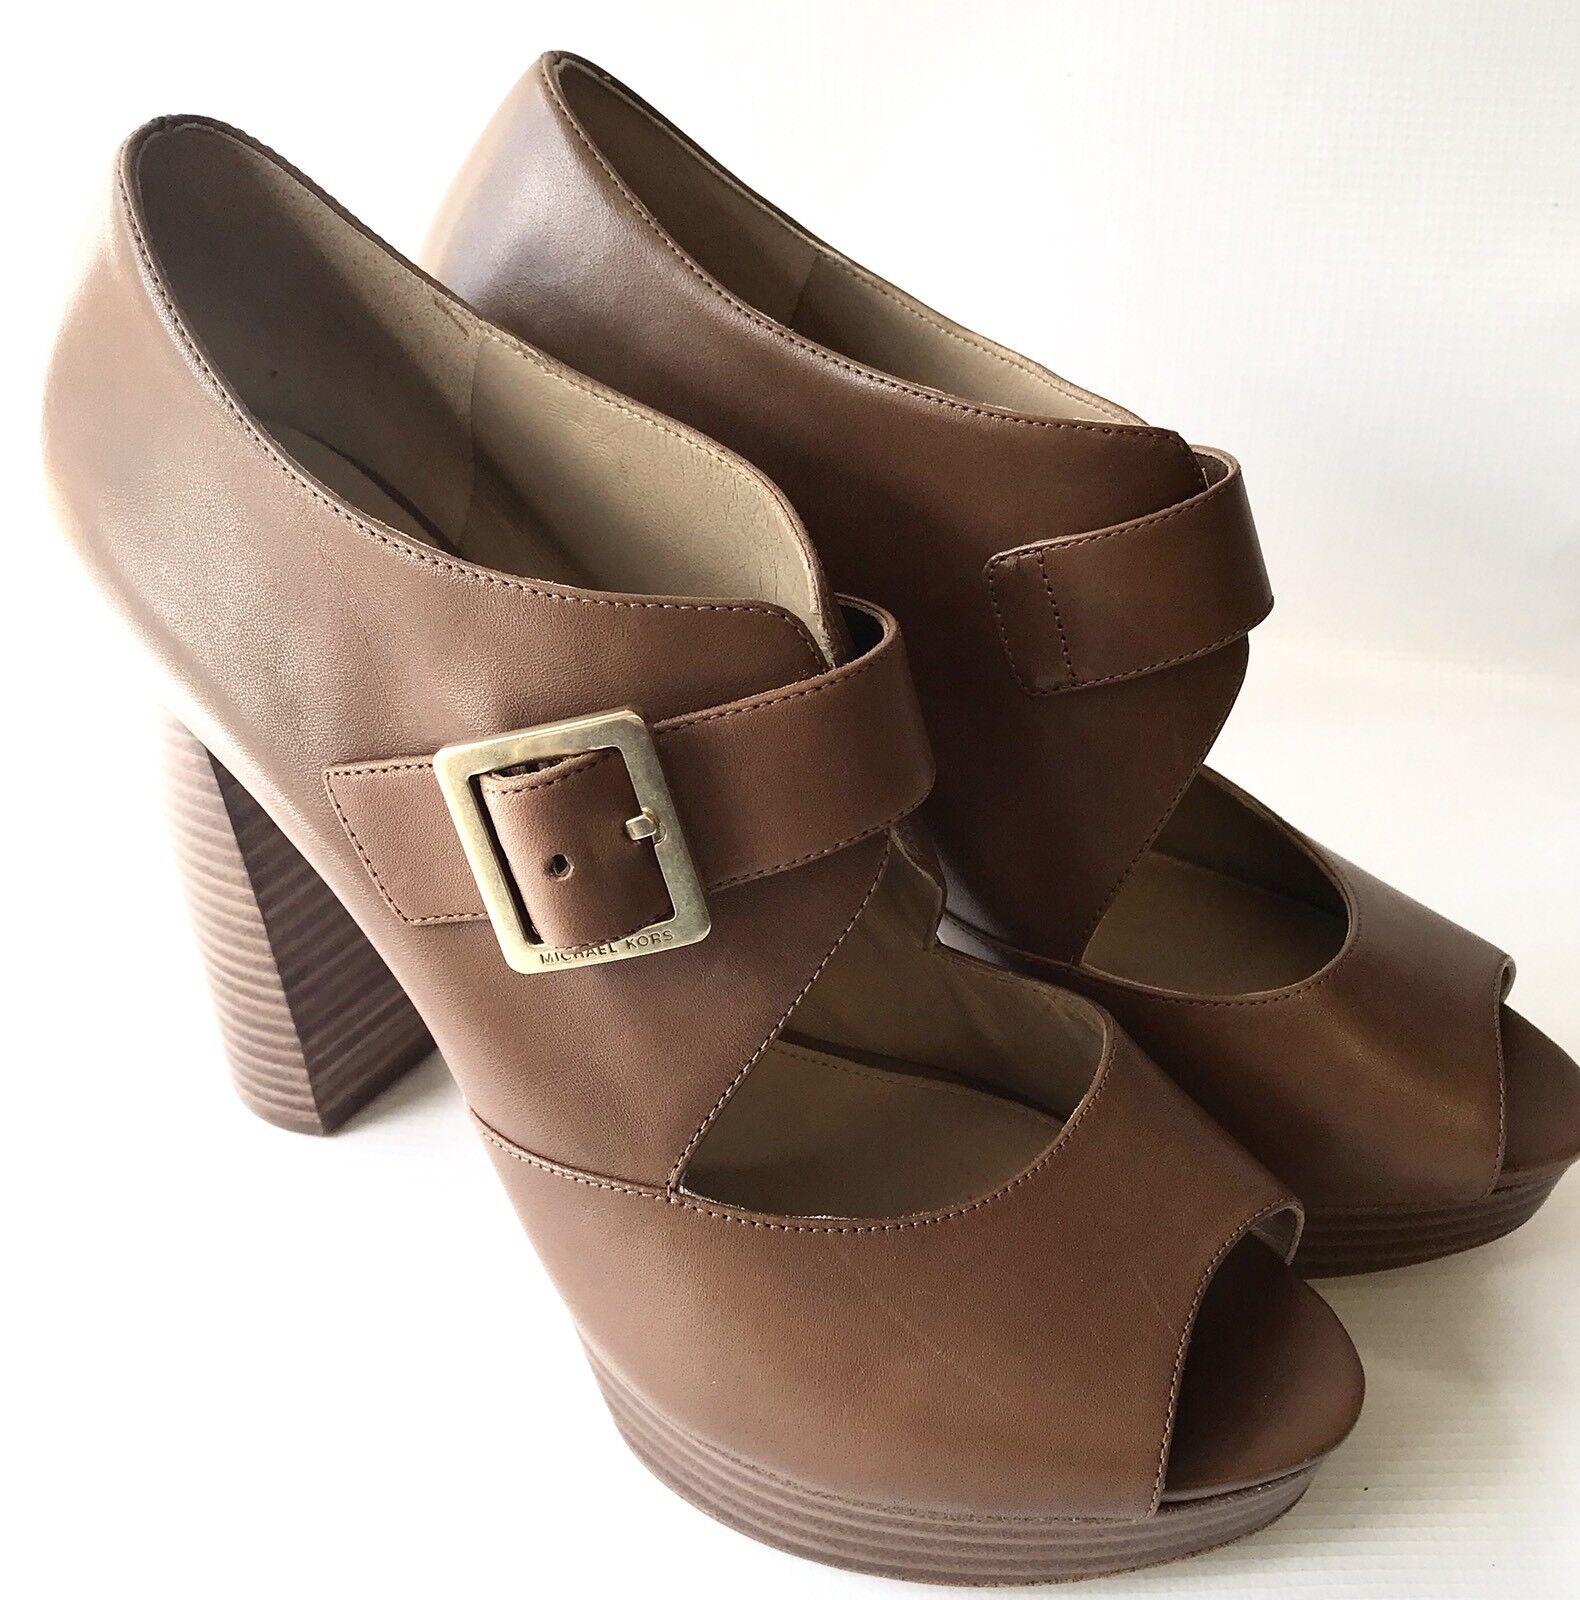 MICHBEL KORS Women's Block Heel Peep Toe Sandals, Tan Leather,  10M / UK 7.5